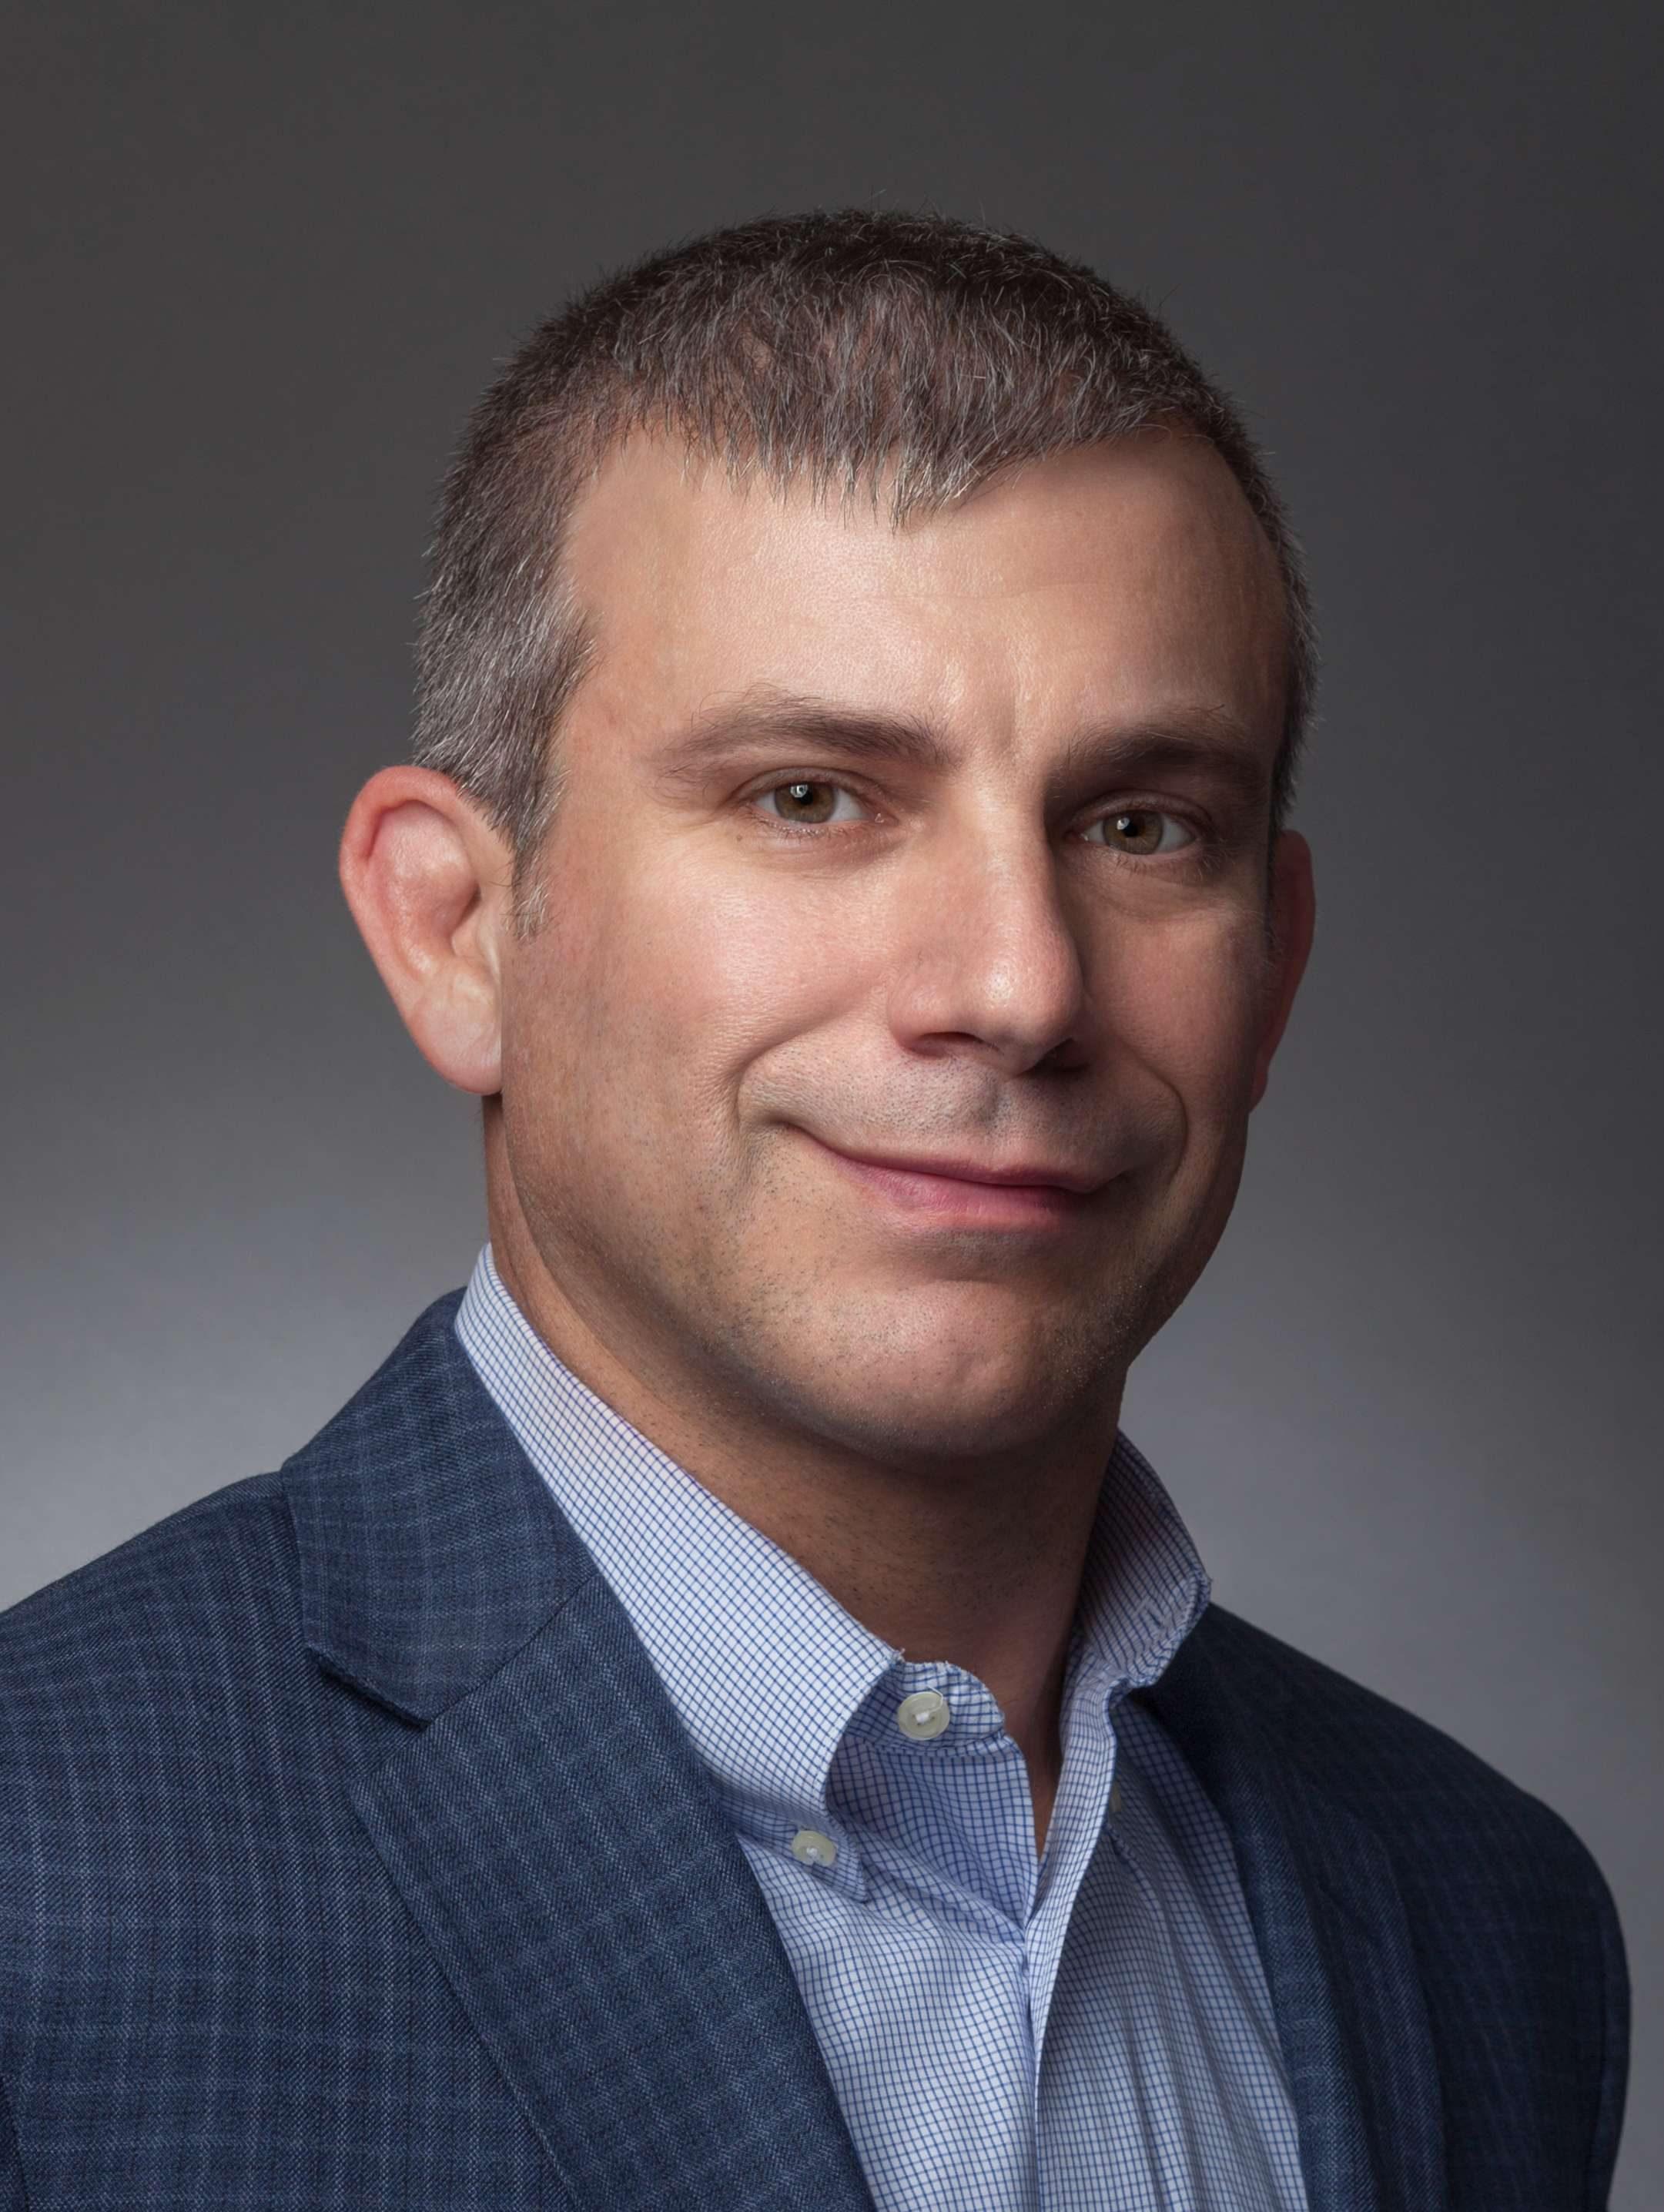 Jeff Rozovics